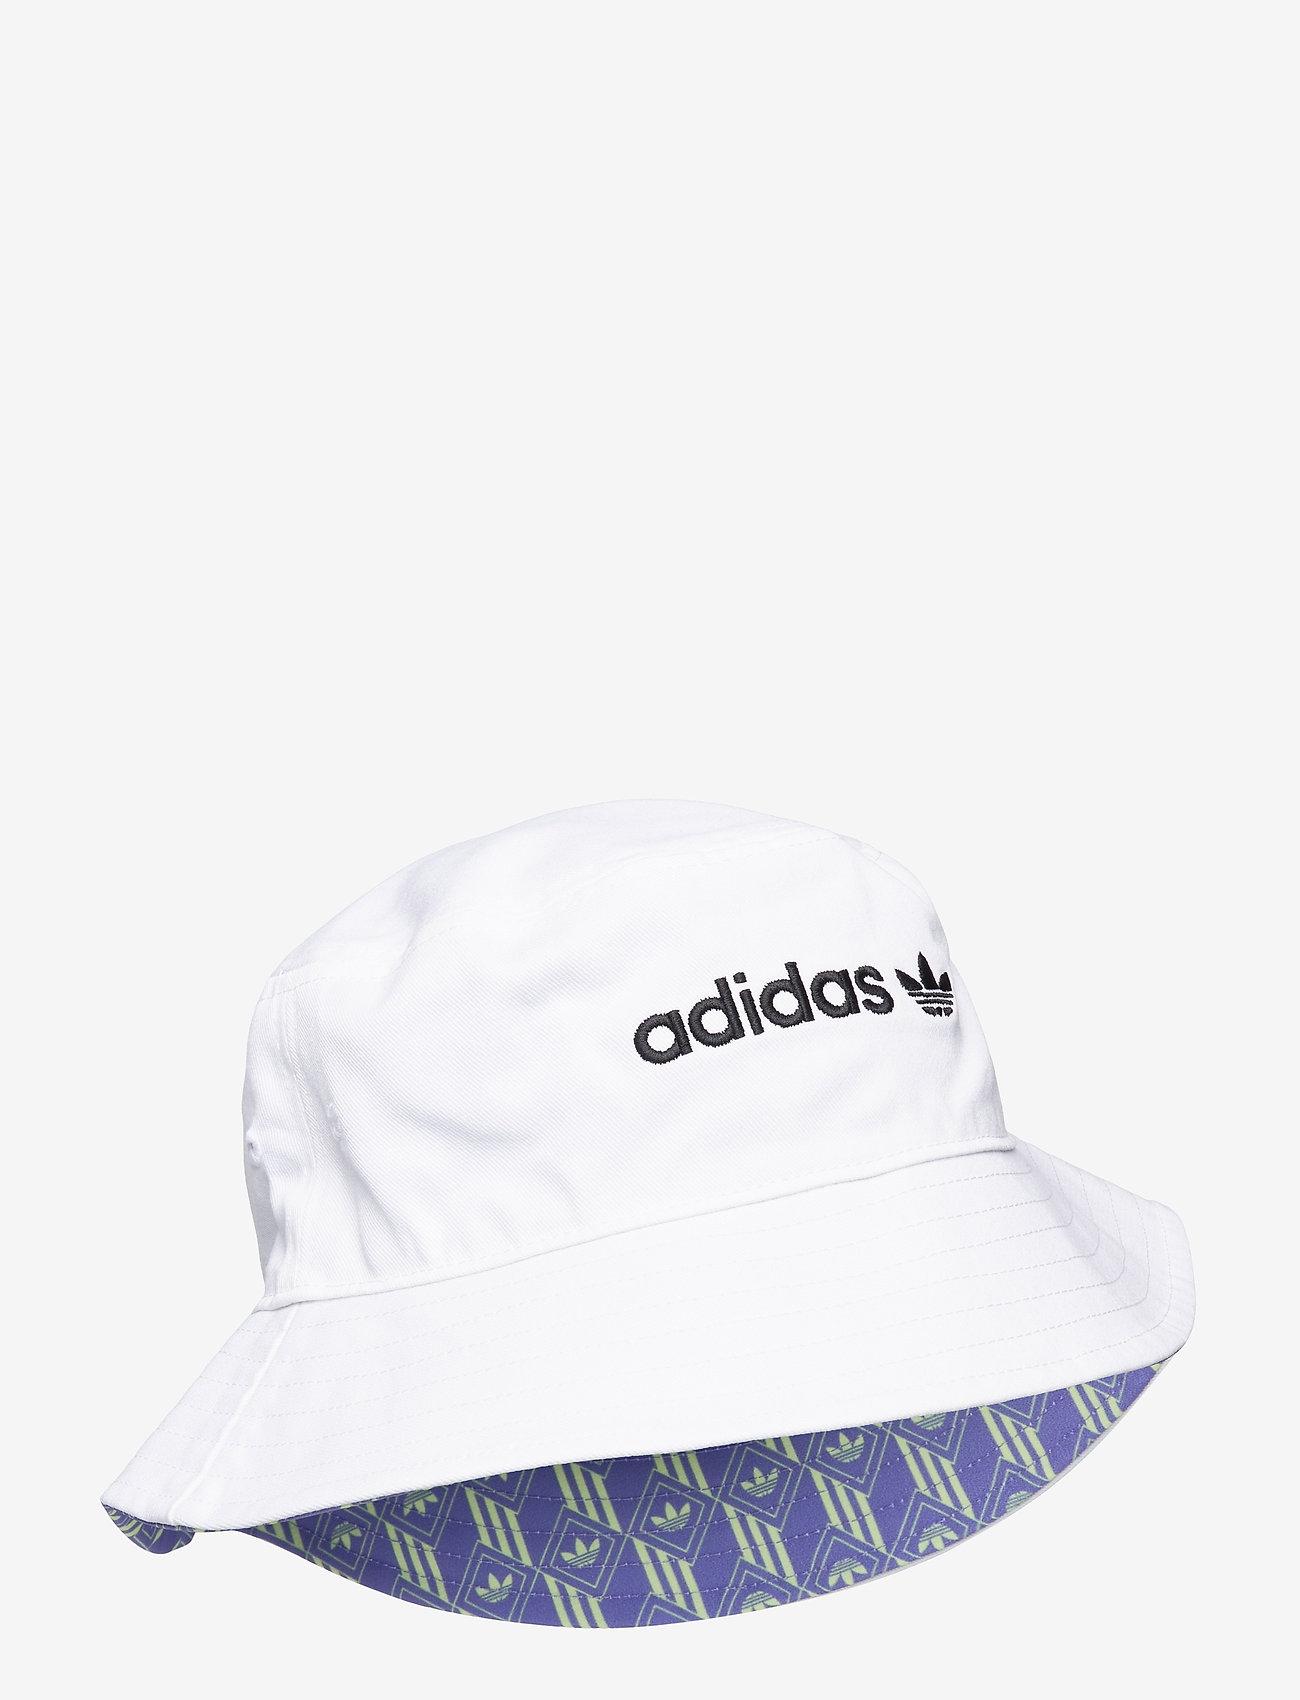 adidas Originals - BUCKET HAT - bucket hats - white/multco - 0